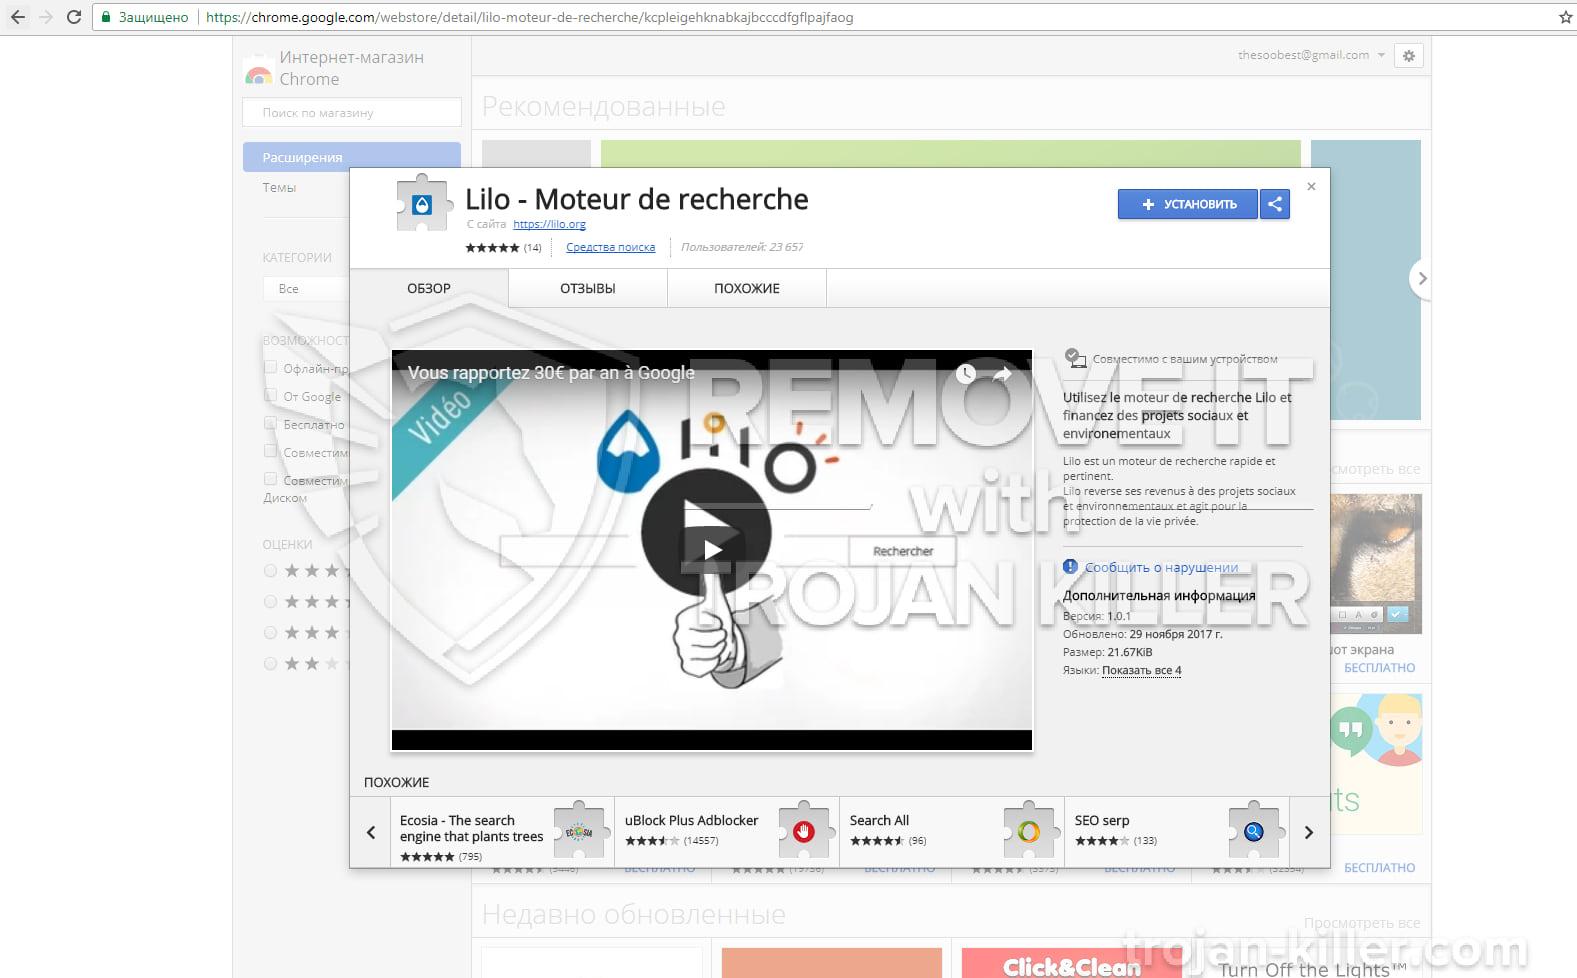 Lilo - Moteur de recherche virus